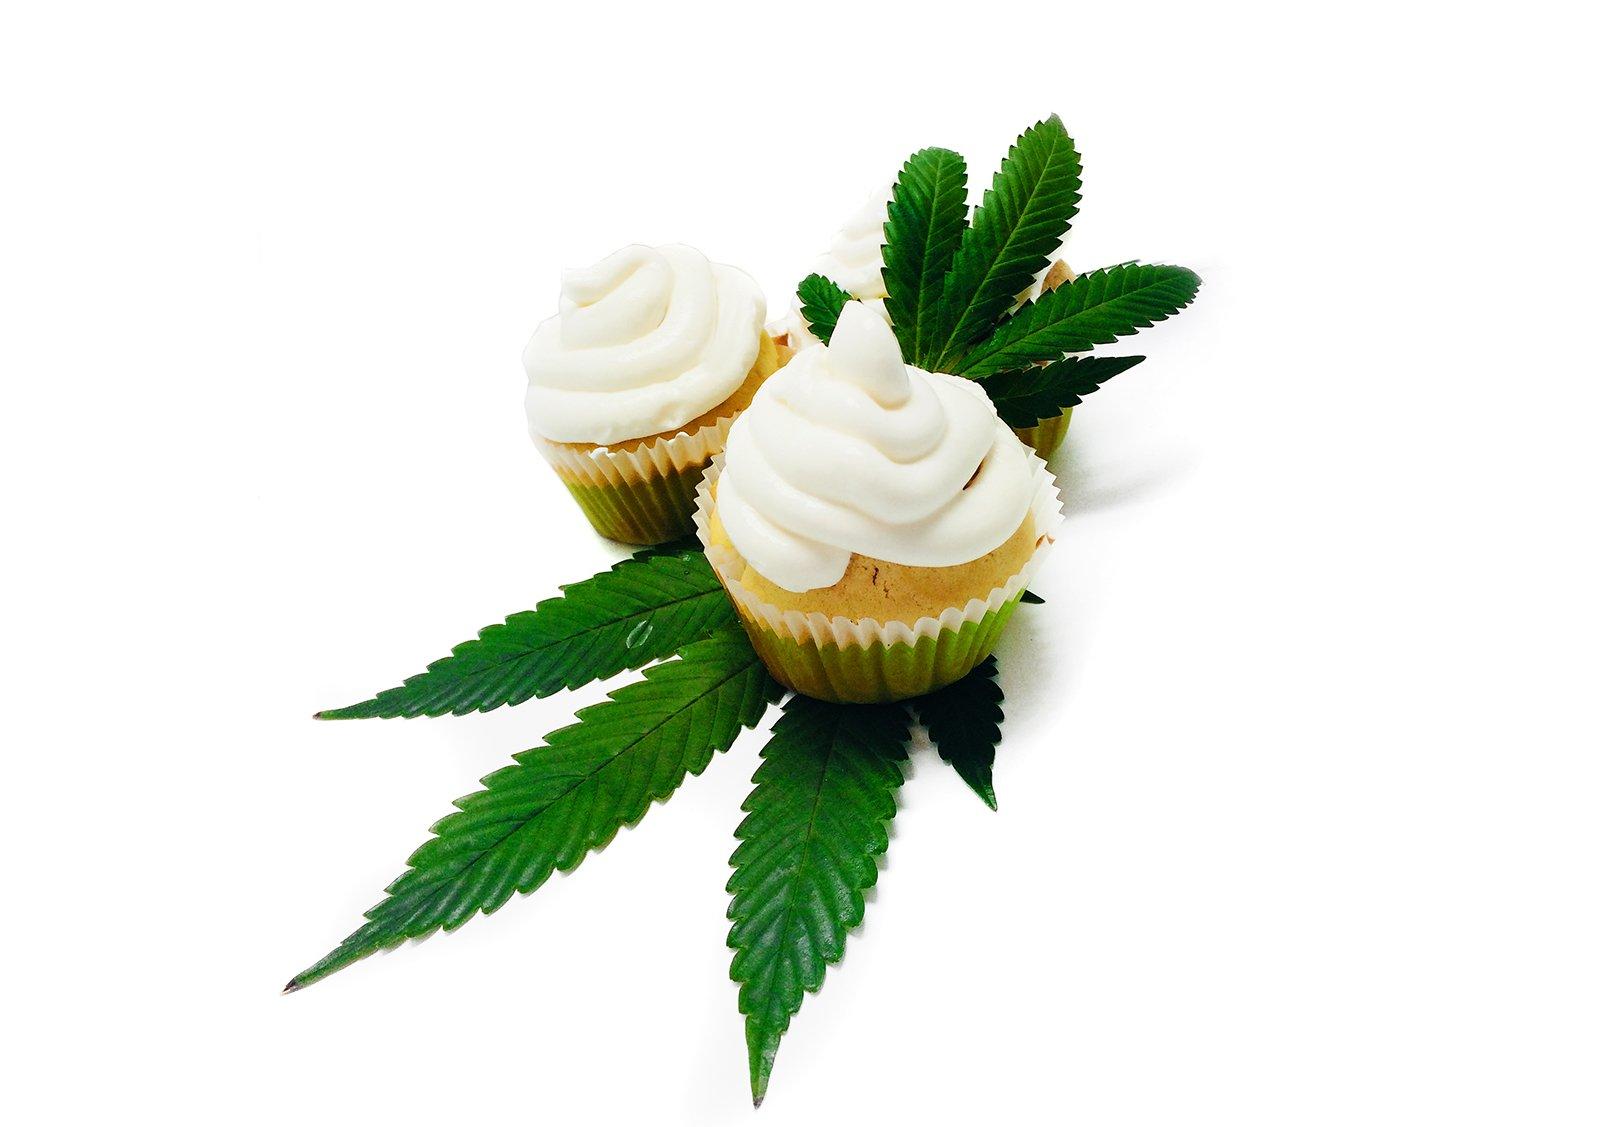 Cannabis cookie - cannabis cupcake maso konopne